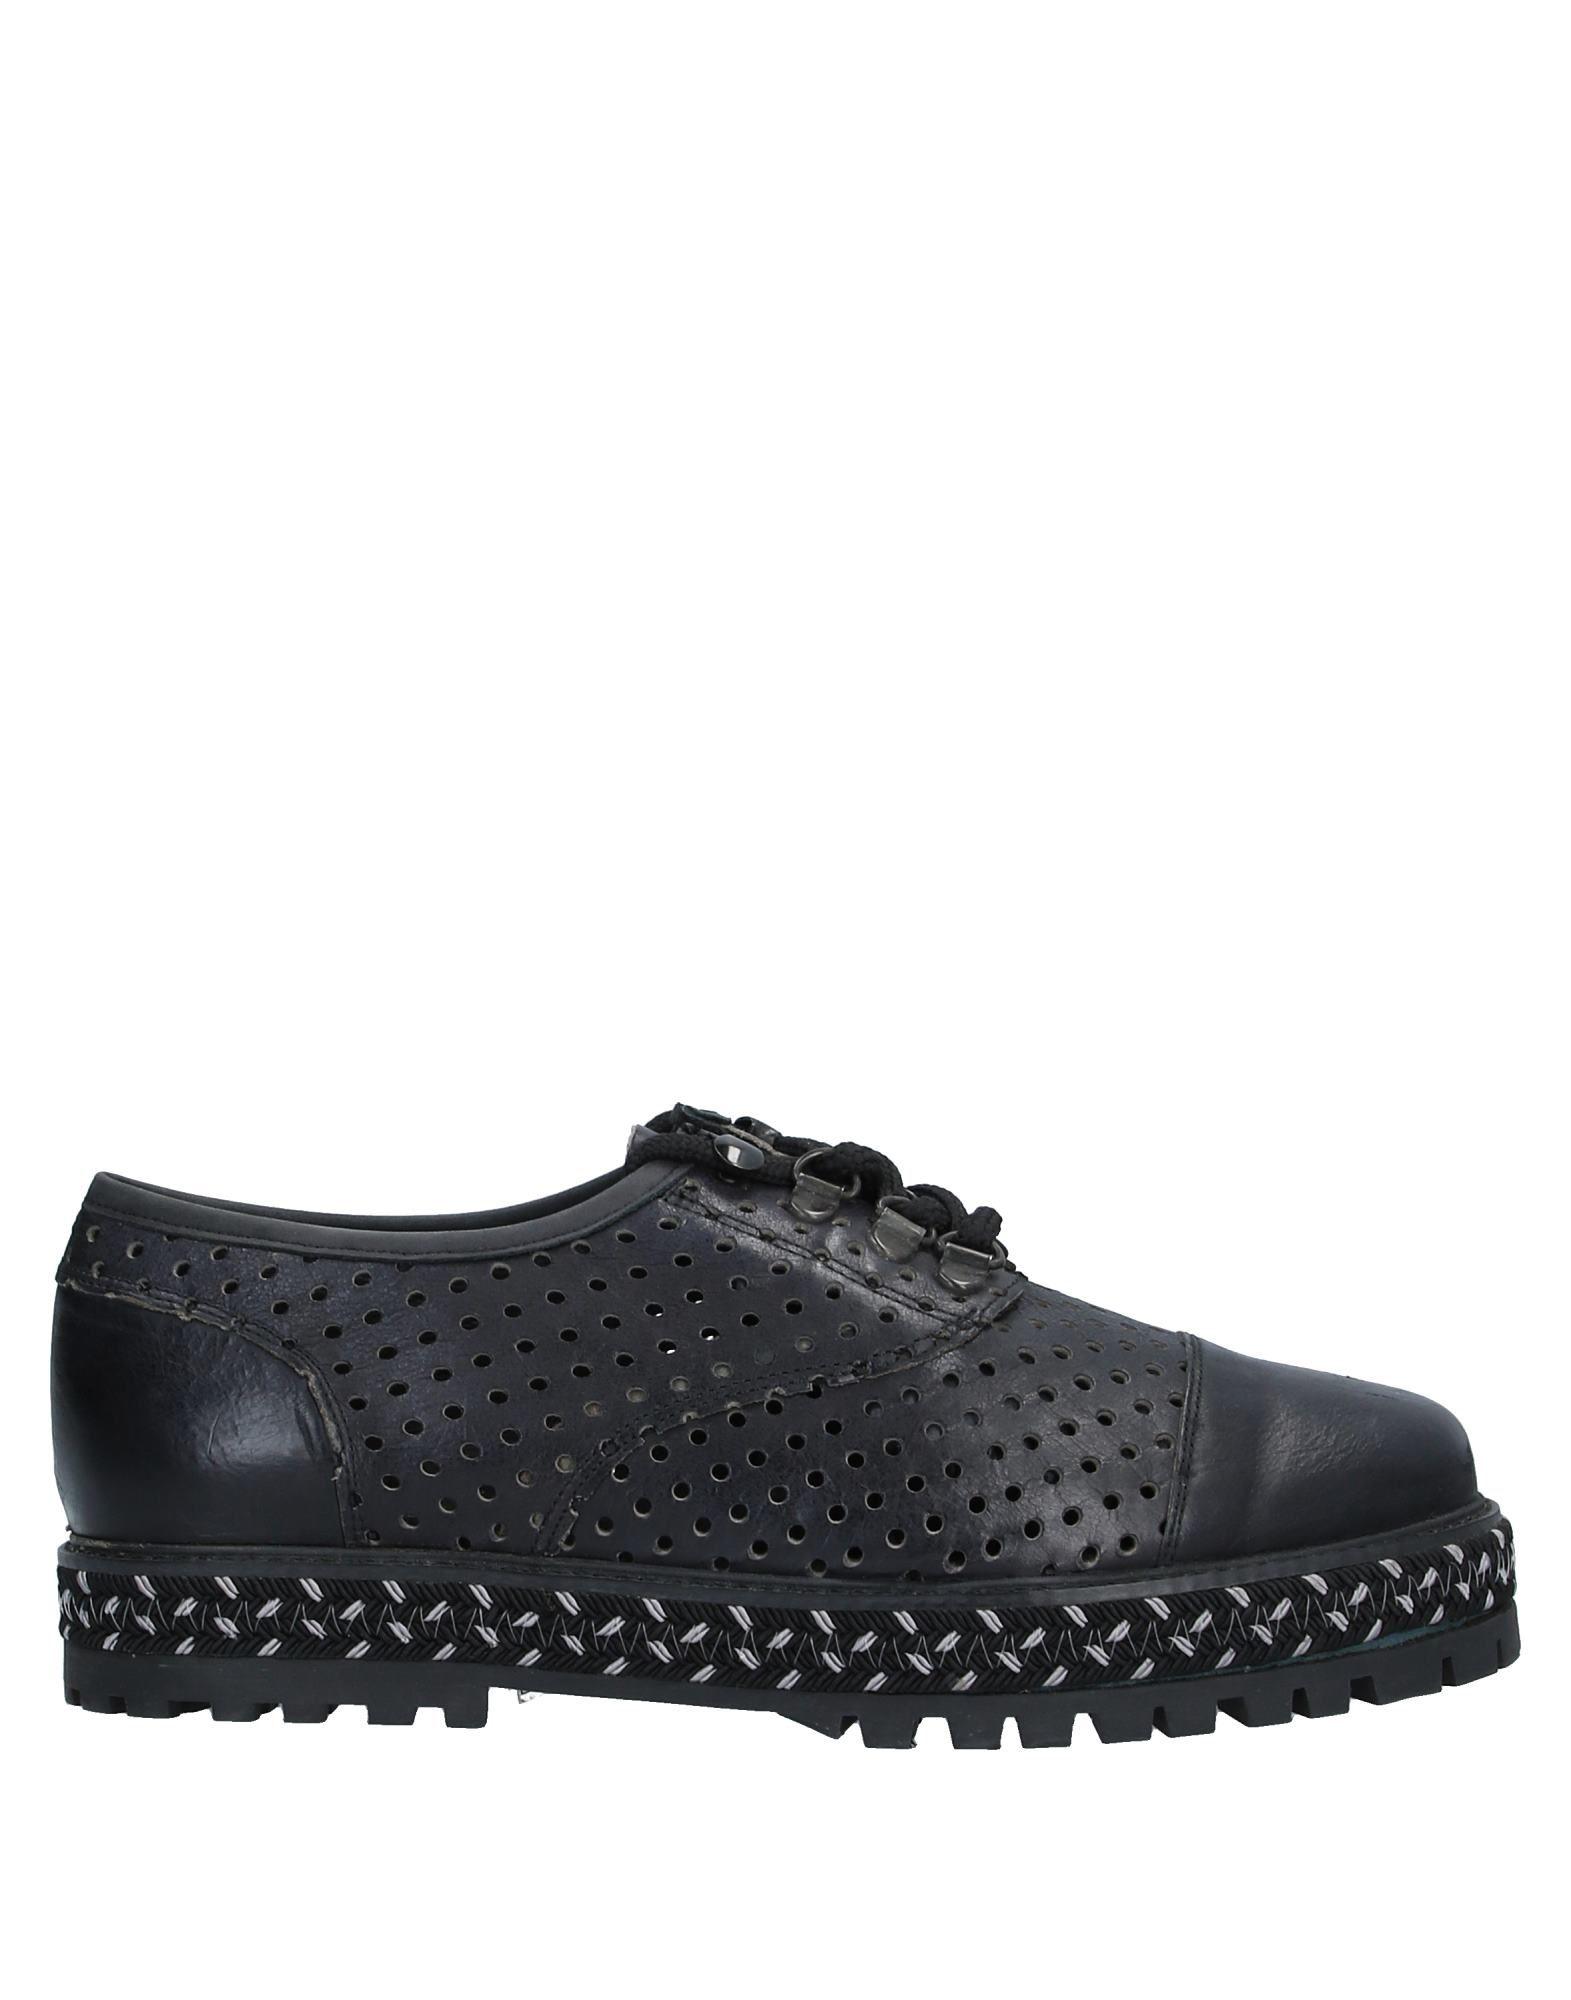 farewell footwear обувь на шнурках FAREWELL FOOTWEAR Обувь на шнурках